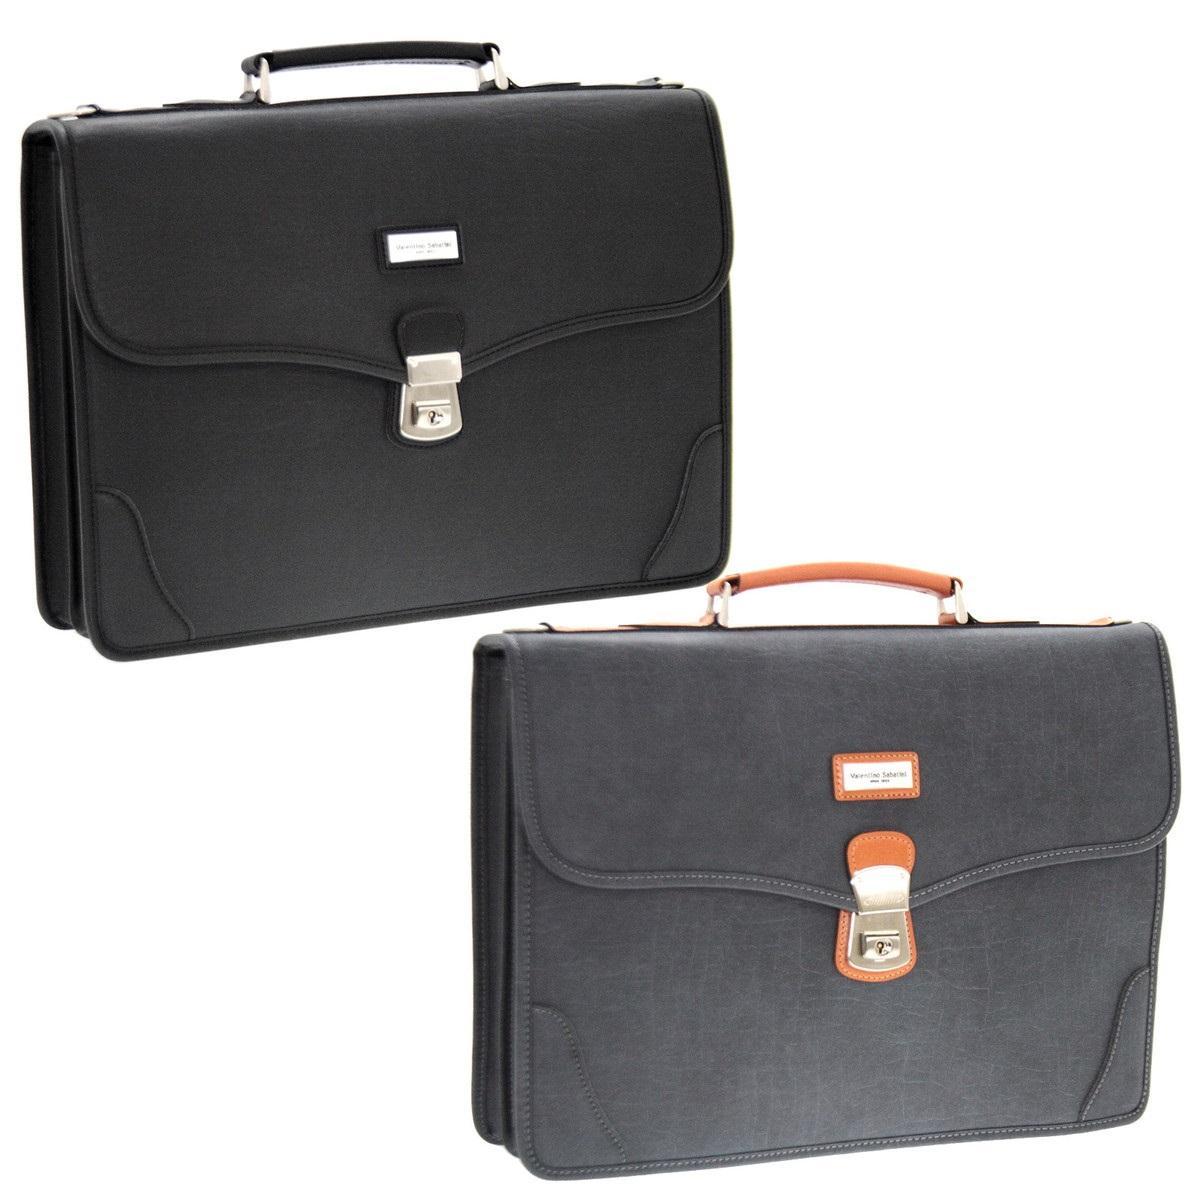 おしゃれ デザイン 日本 クラッチ バッグ 革 本革 付属 鞄 セカンドバッグ 合皮フェイクレザークラッチバッグ ネイビー ビジネスバッグ 日本製